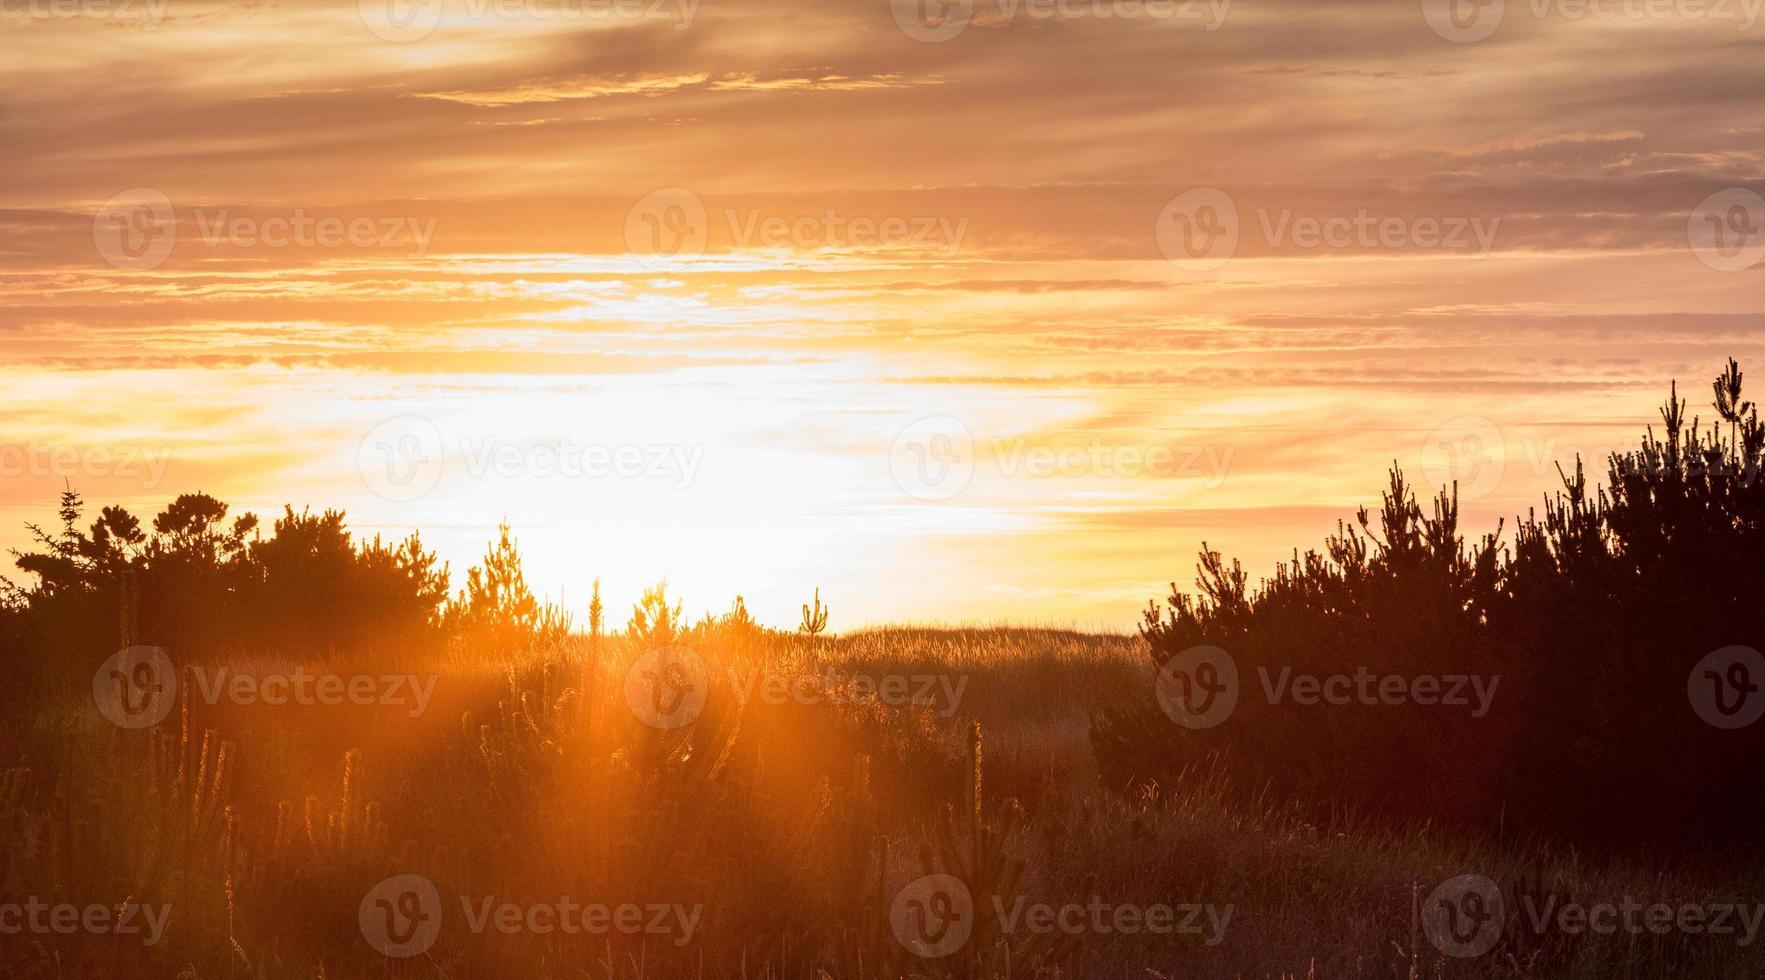 raggi arancioni e tramonto sopra un beachhead foto